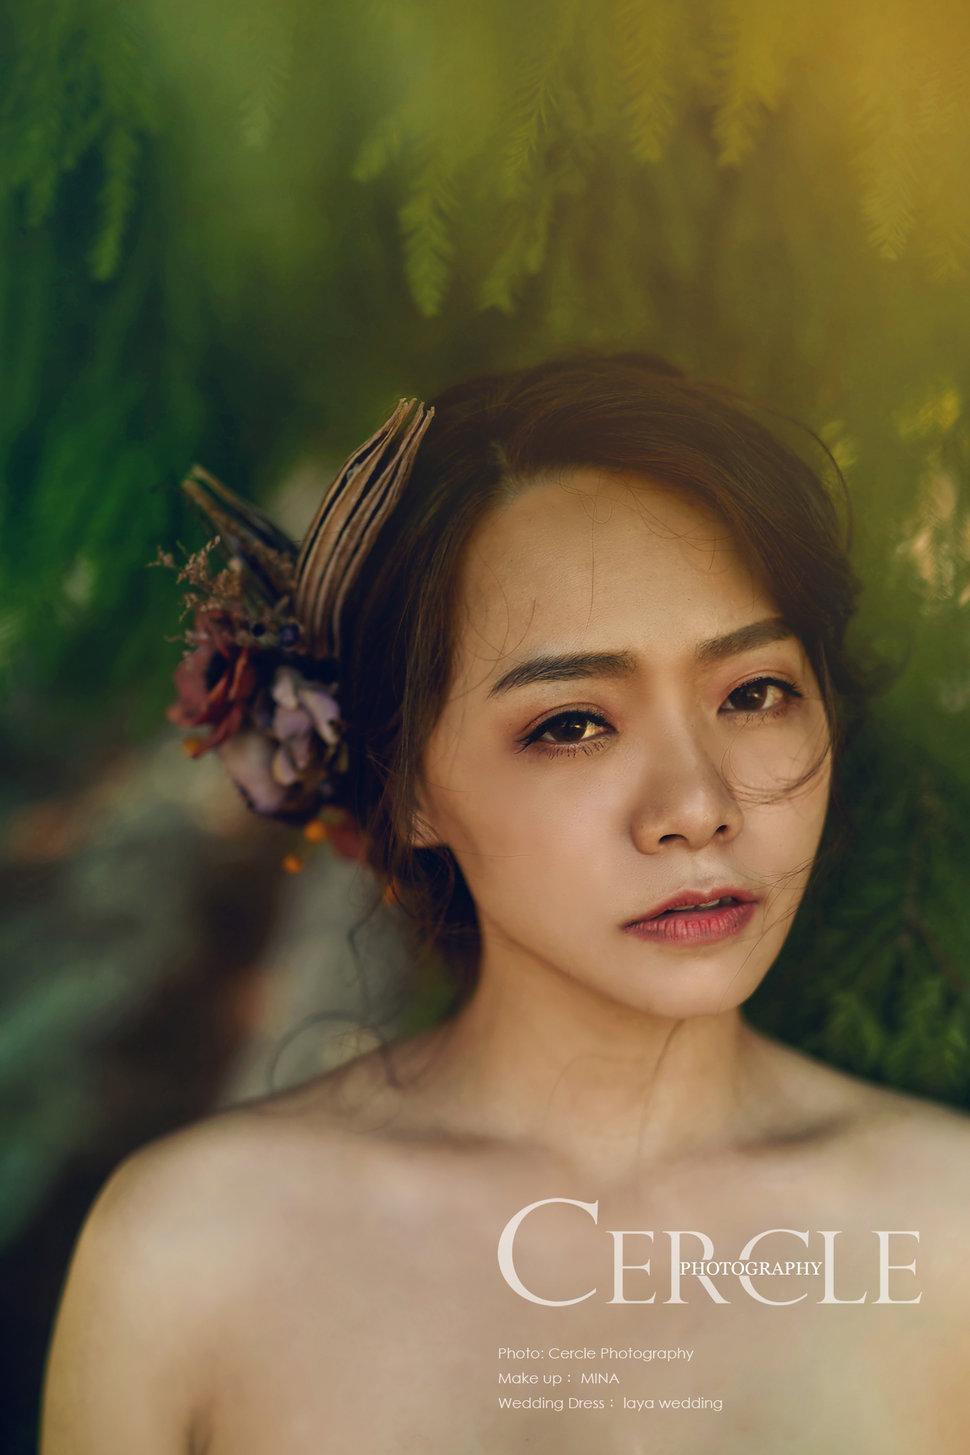 高雄婚紗工作室 森林系婚紗 夢幻婚紗 (2) - CERCLE工作室-婚攝小喬 女攝影師《結婚吧》